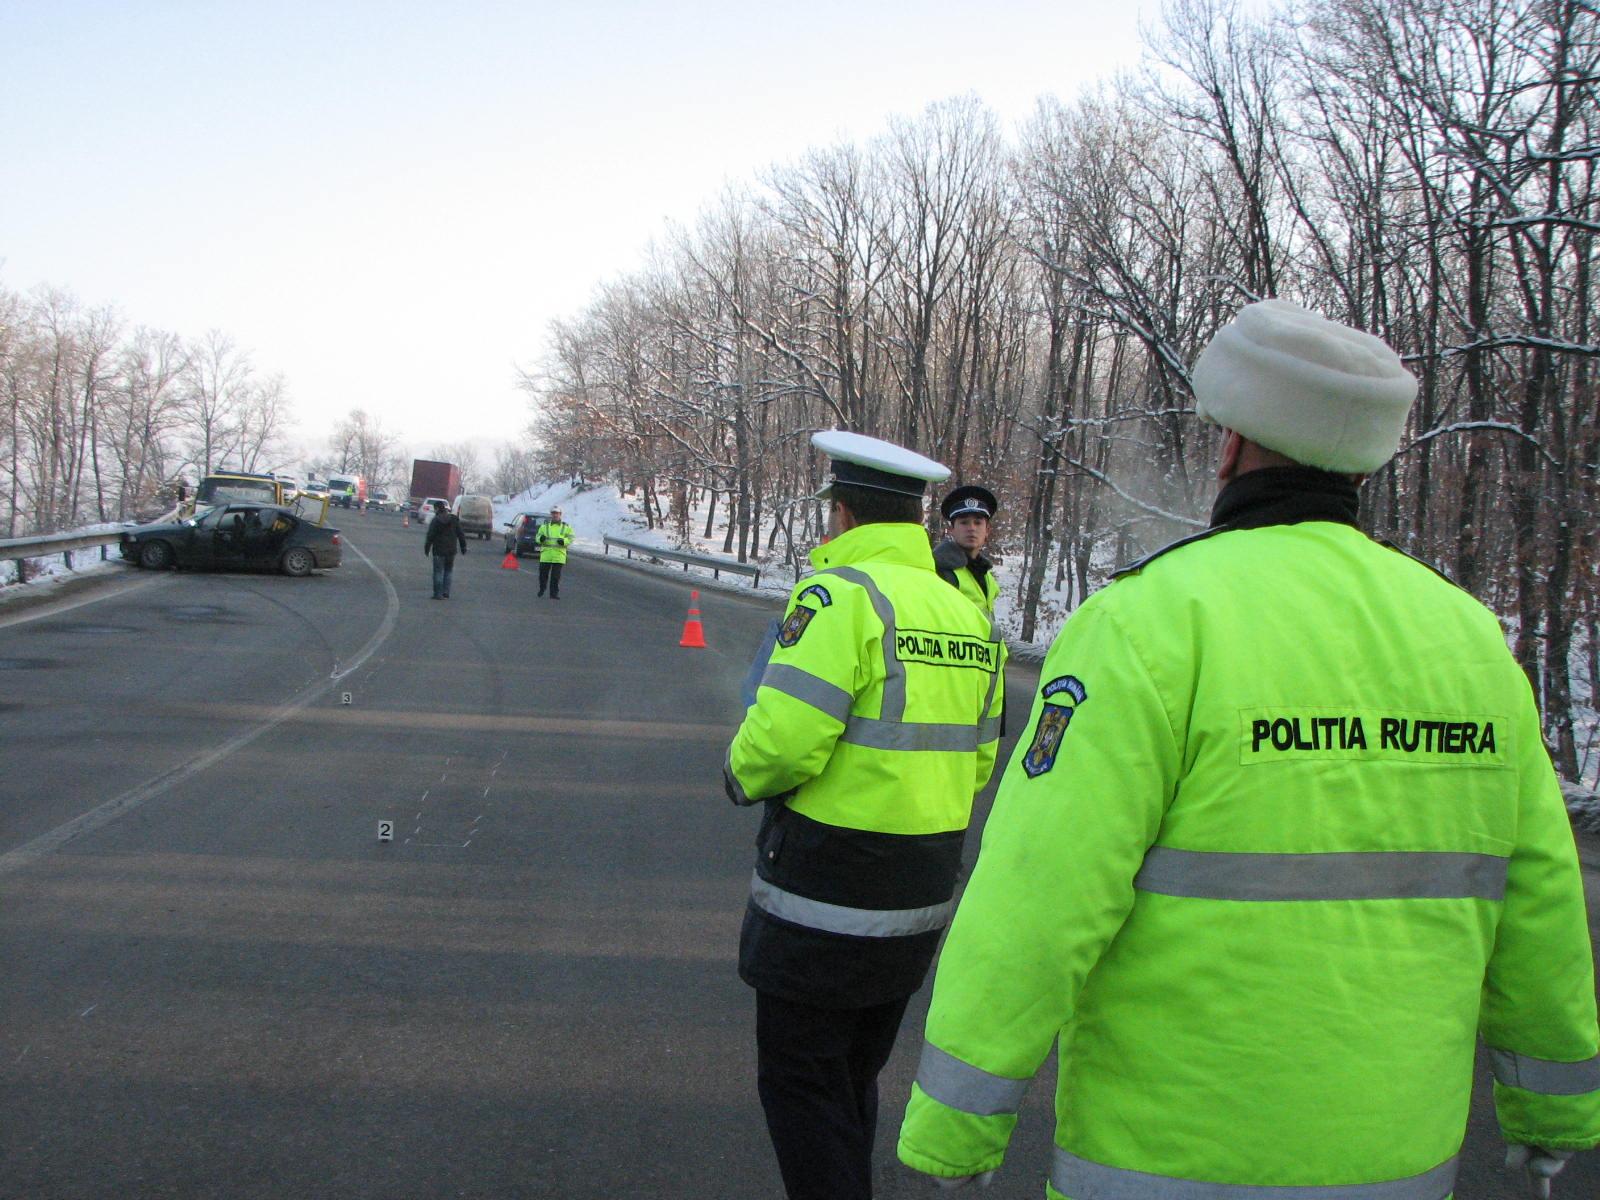 Olt. Peste 300 de poliţişti, la datorie, de Paşte